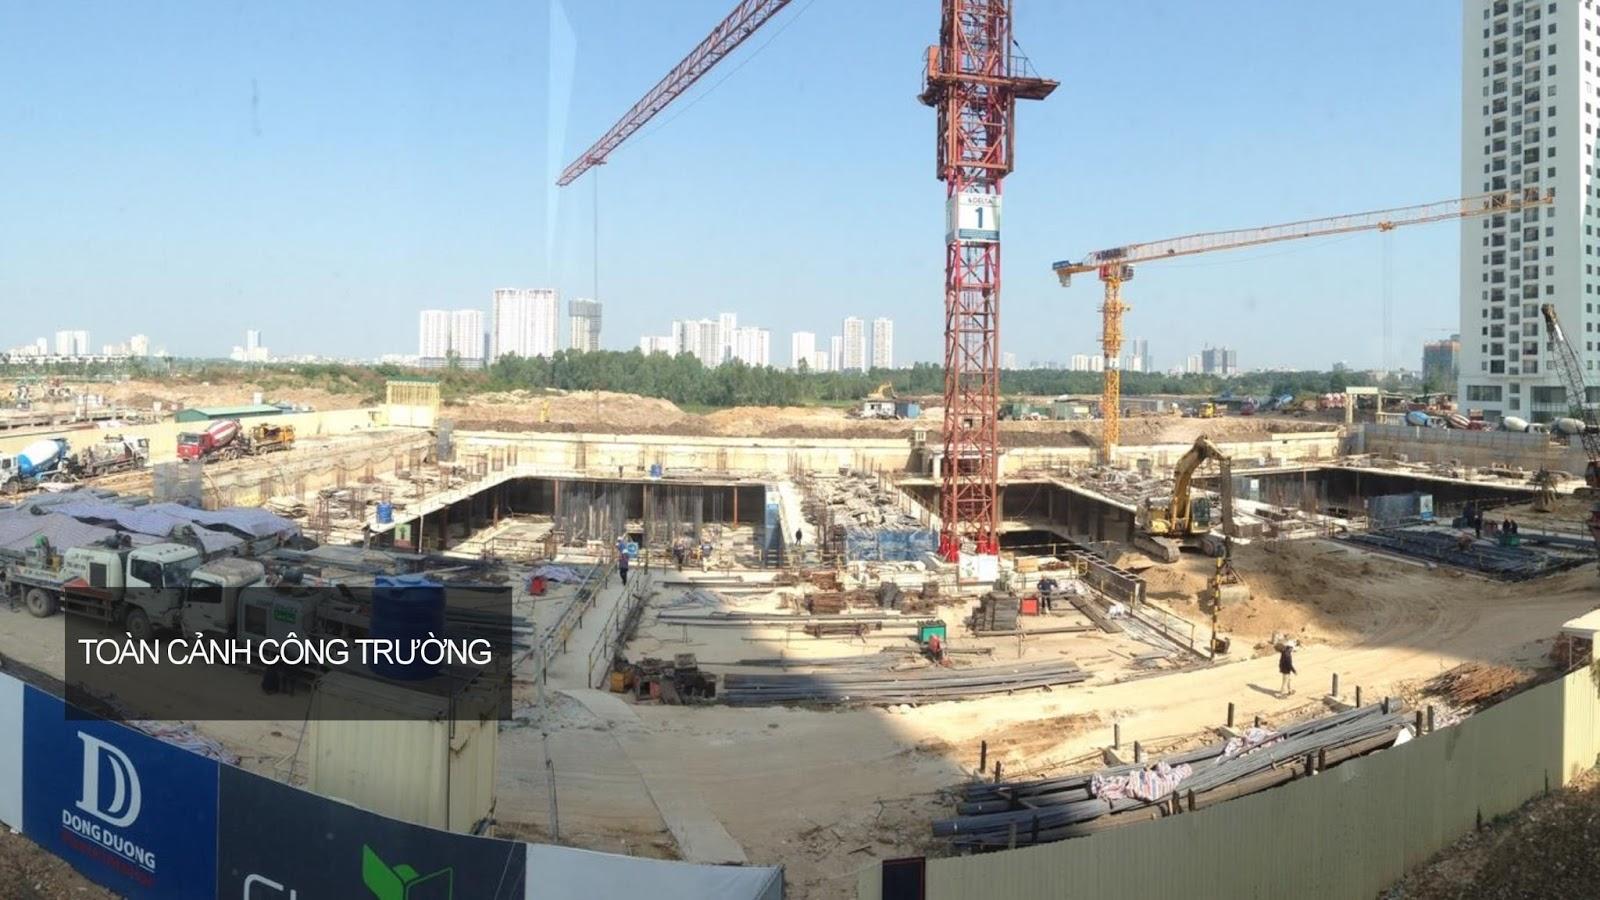 Toàn cảnh công trường thi công dự án 6th Element